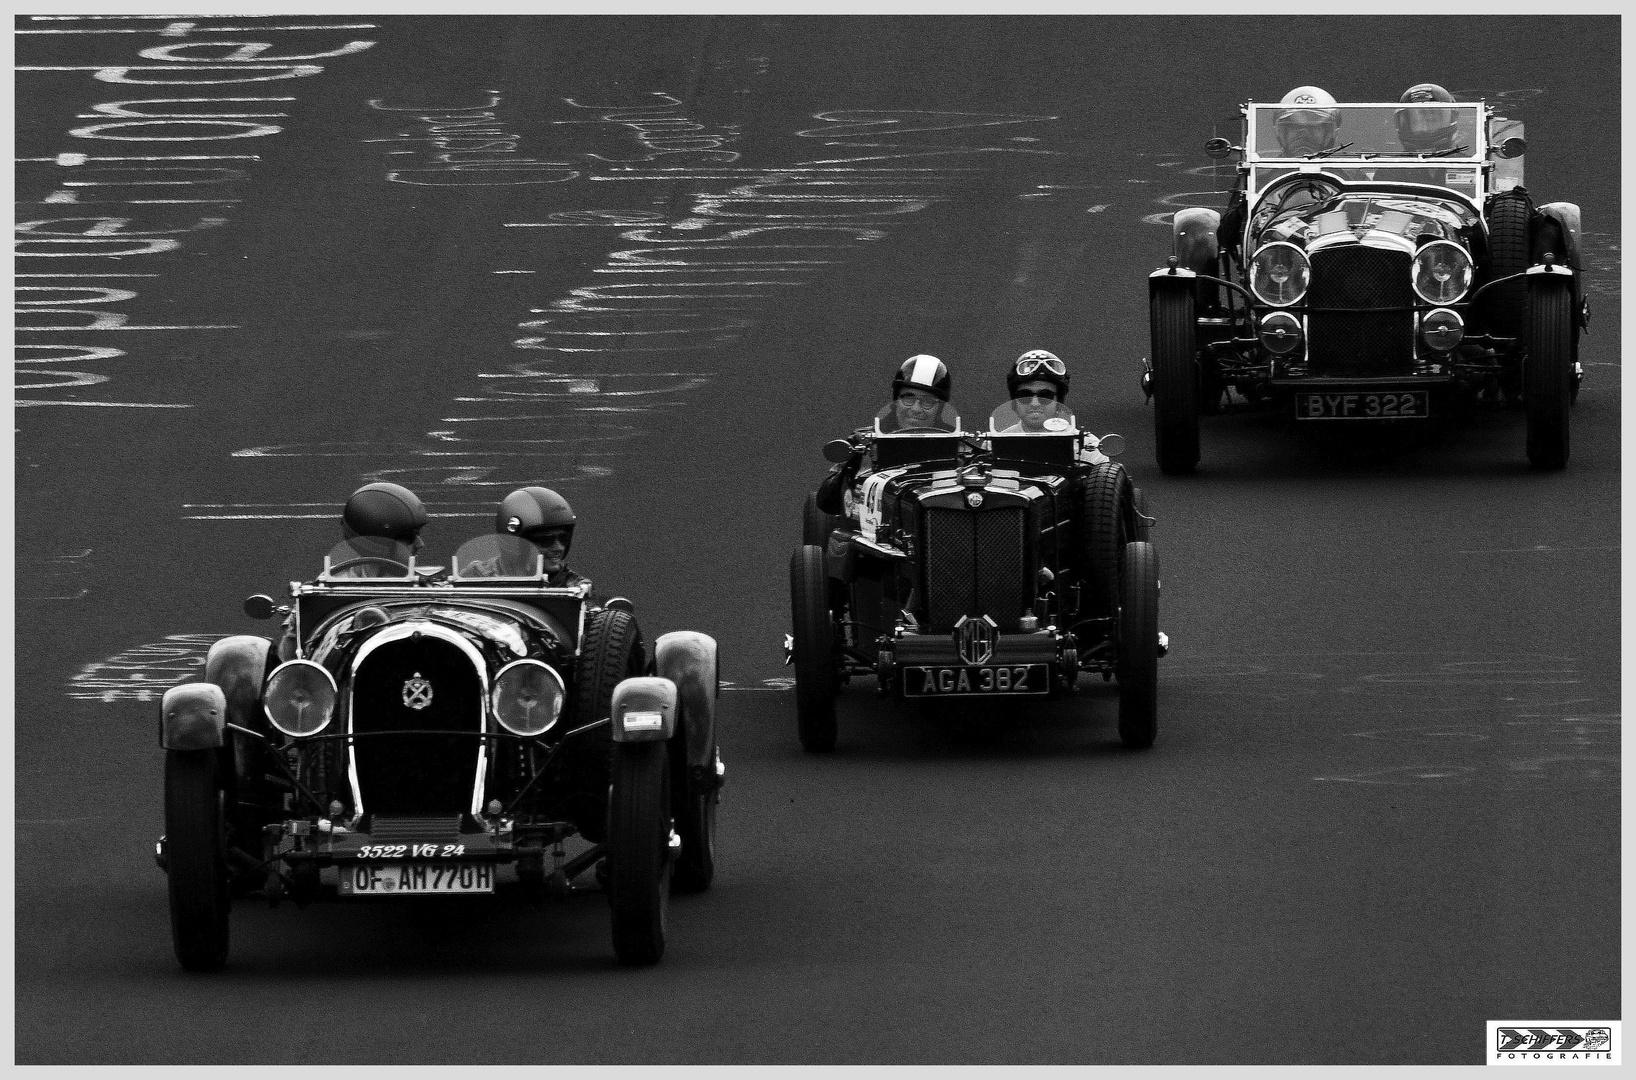 Nürburgring Classic Eifelrennen 2018